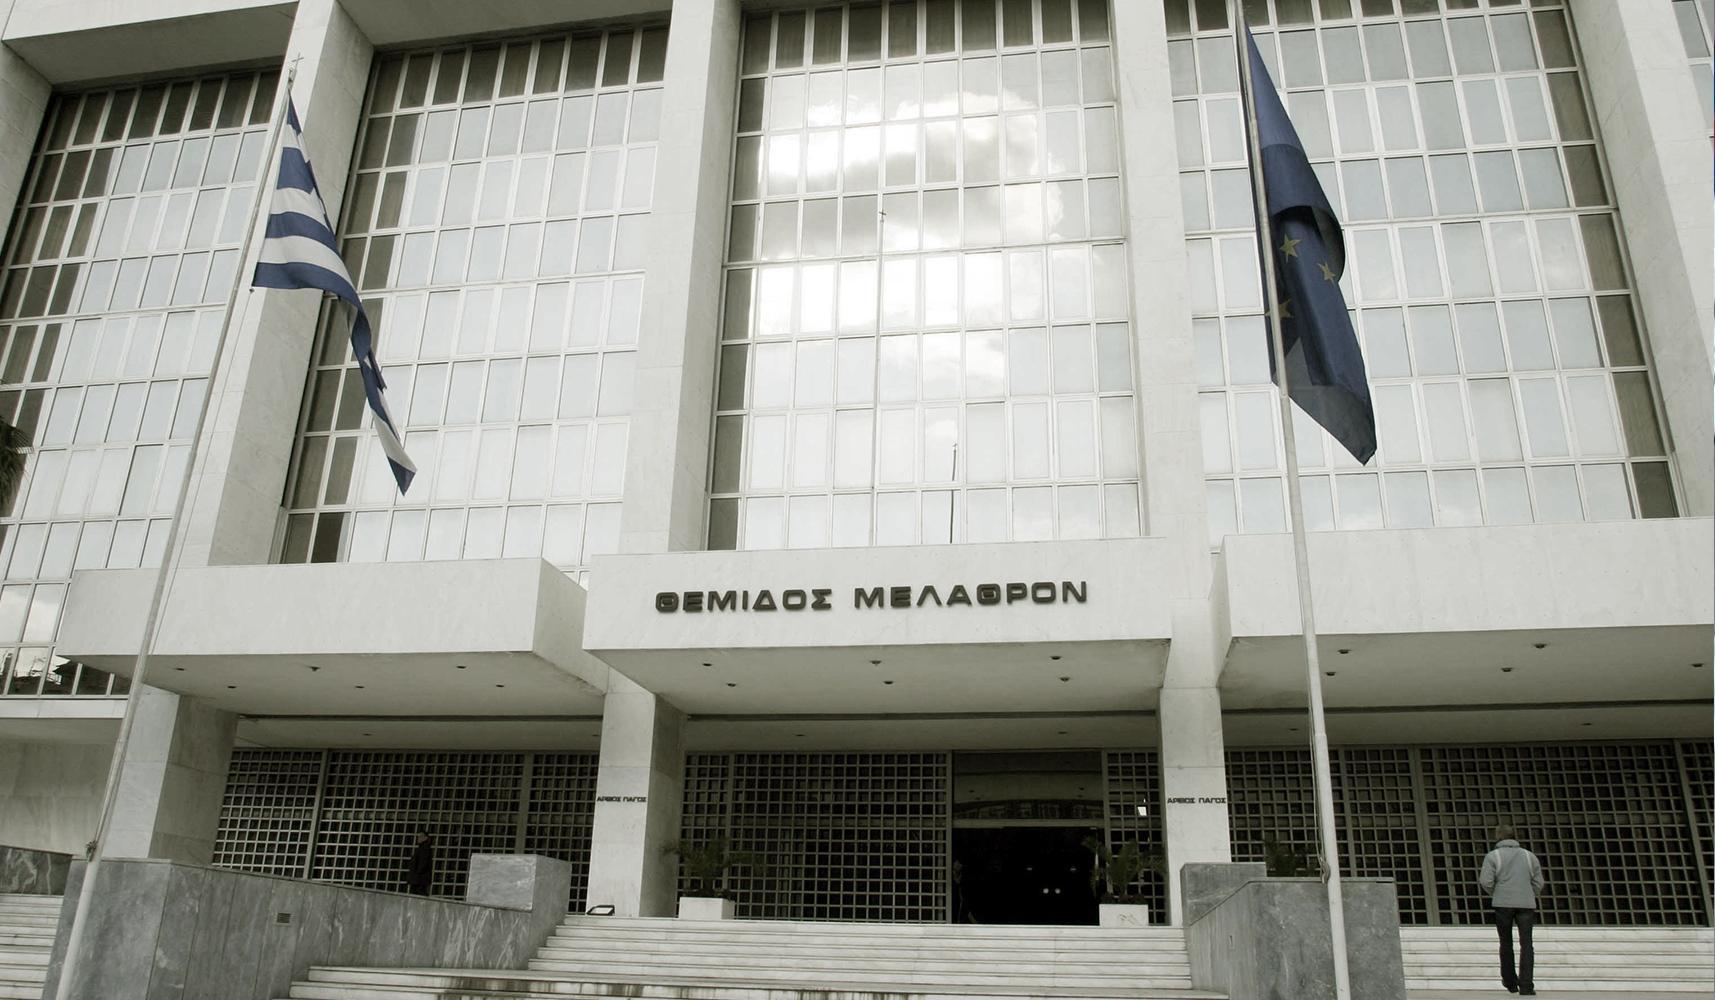 Slučaj Novartis: Drugi zaštićeni svedok se nije pojavio pred Odborom. SIRIZA se žali Višem sudu